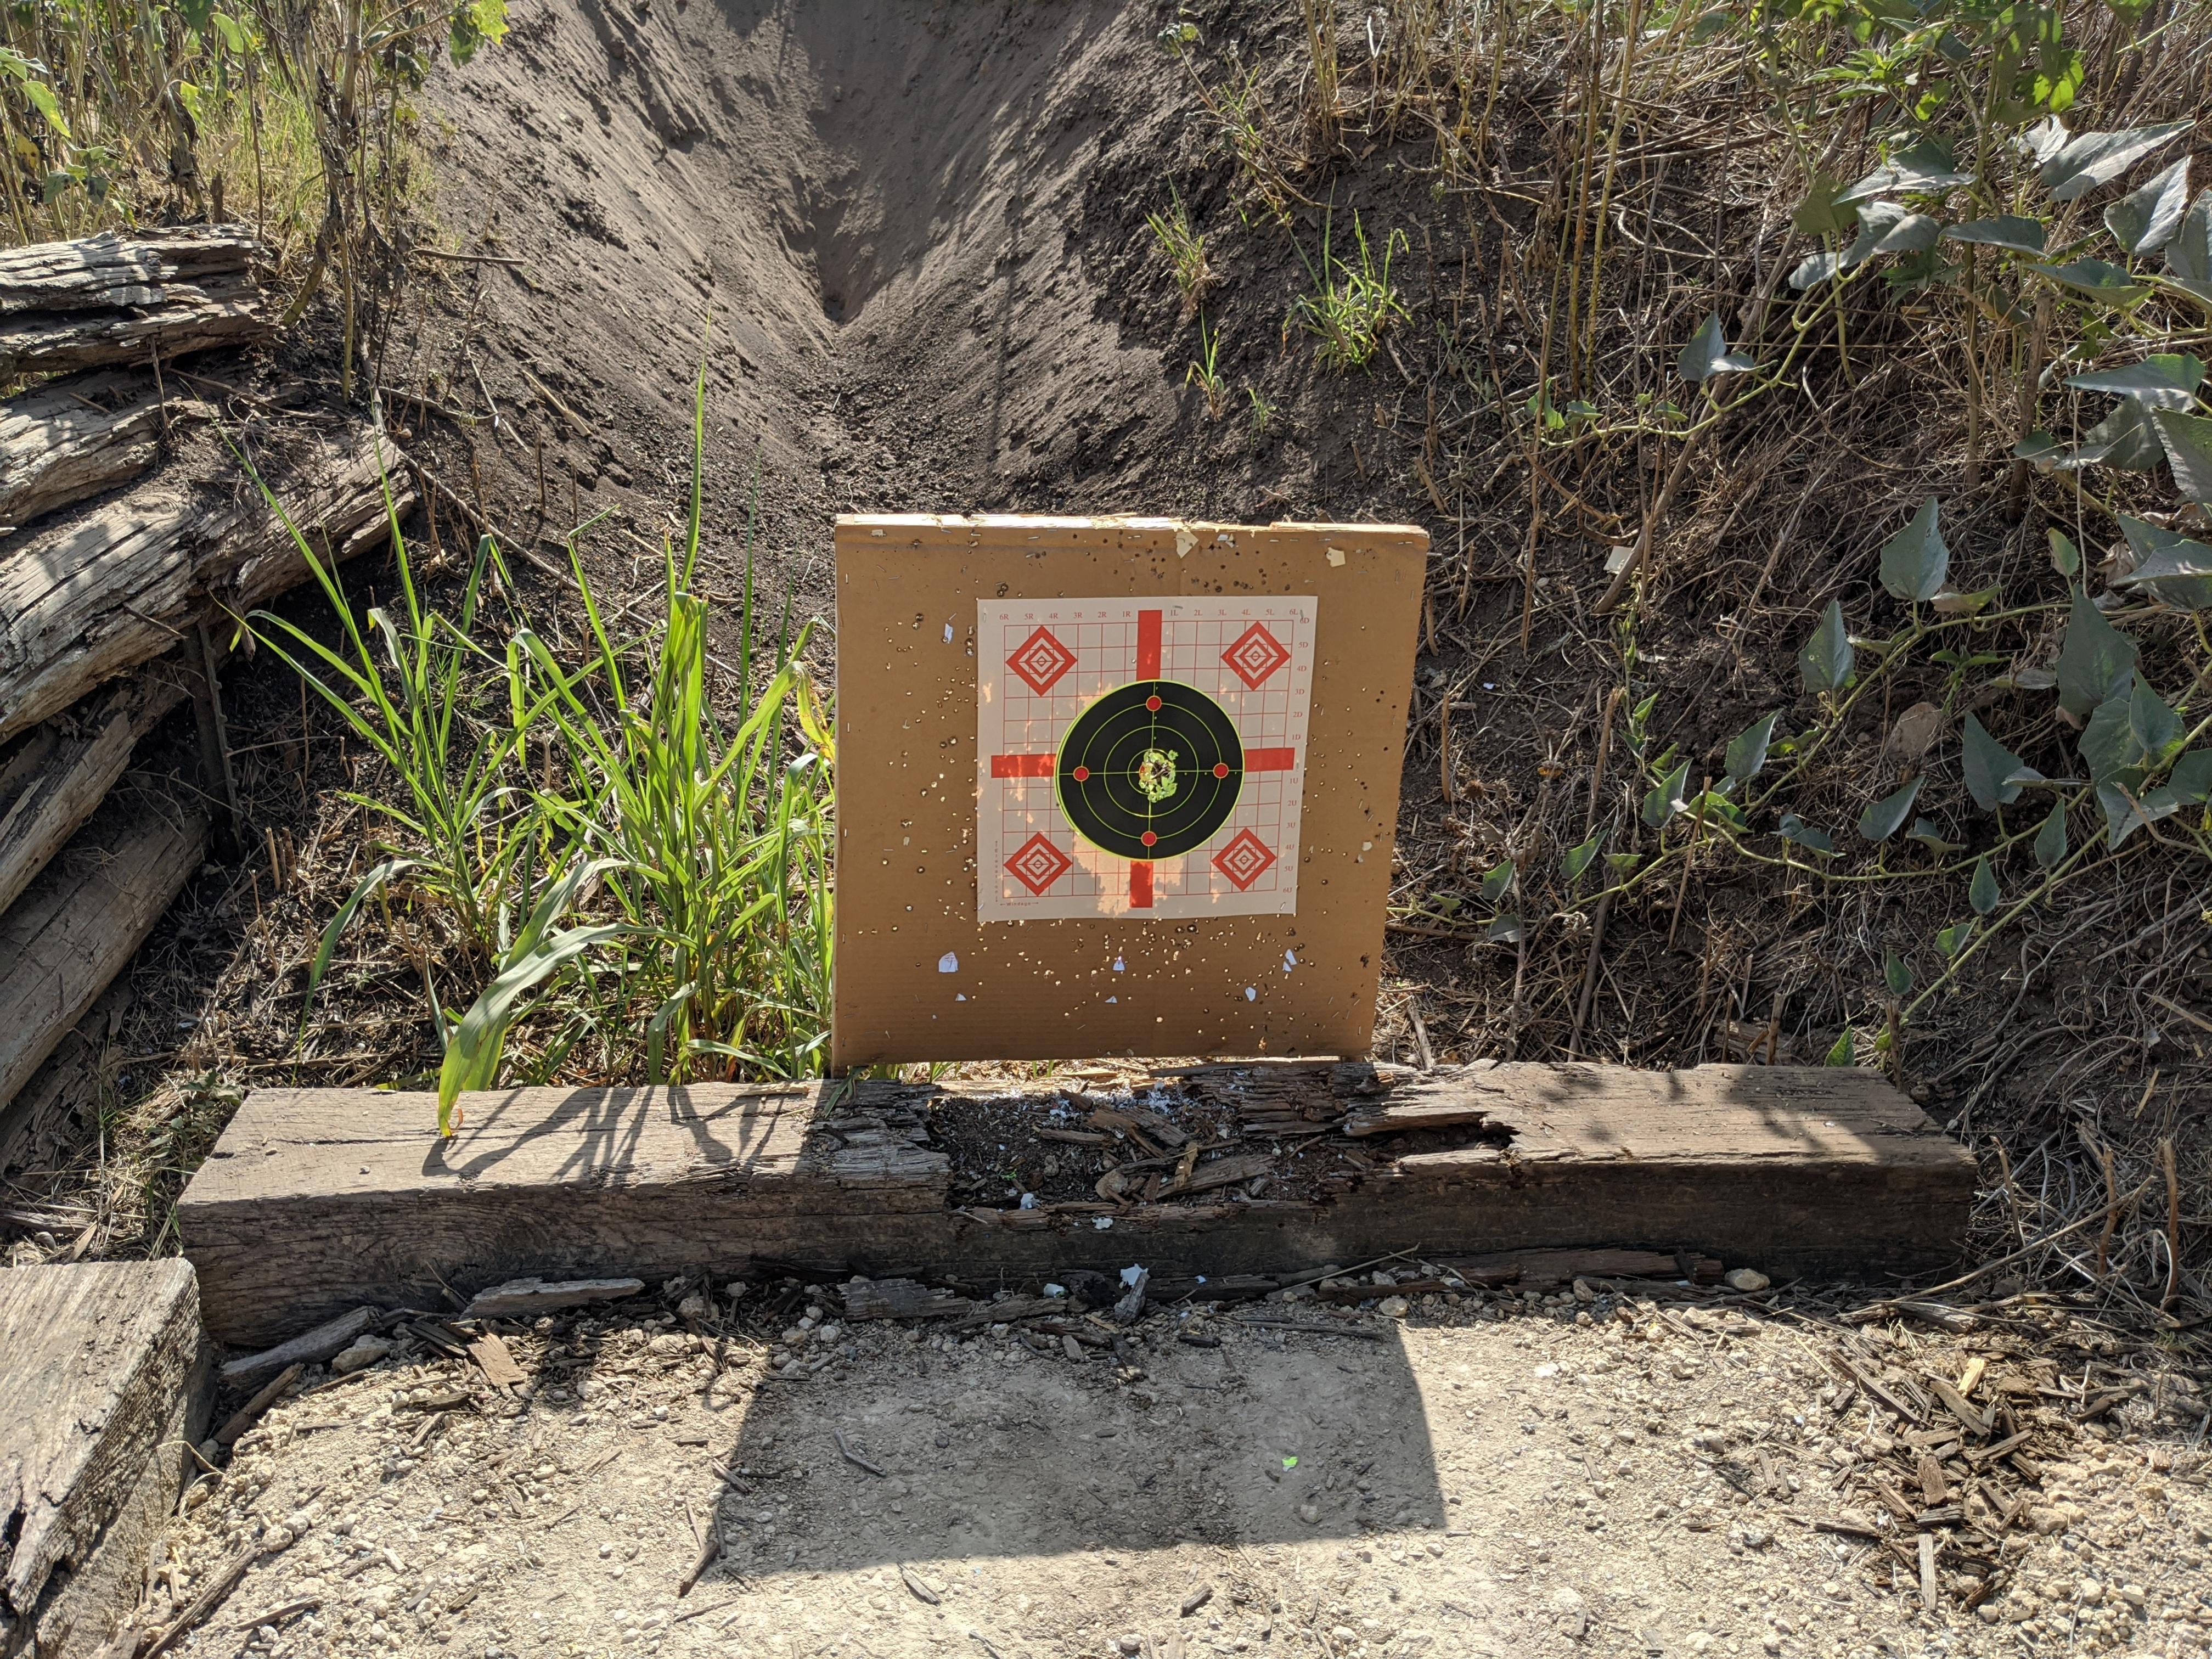 HK 416D First Range Day-img_20200705_100638.jpg